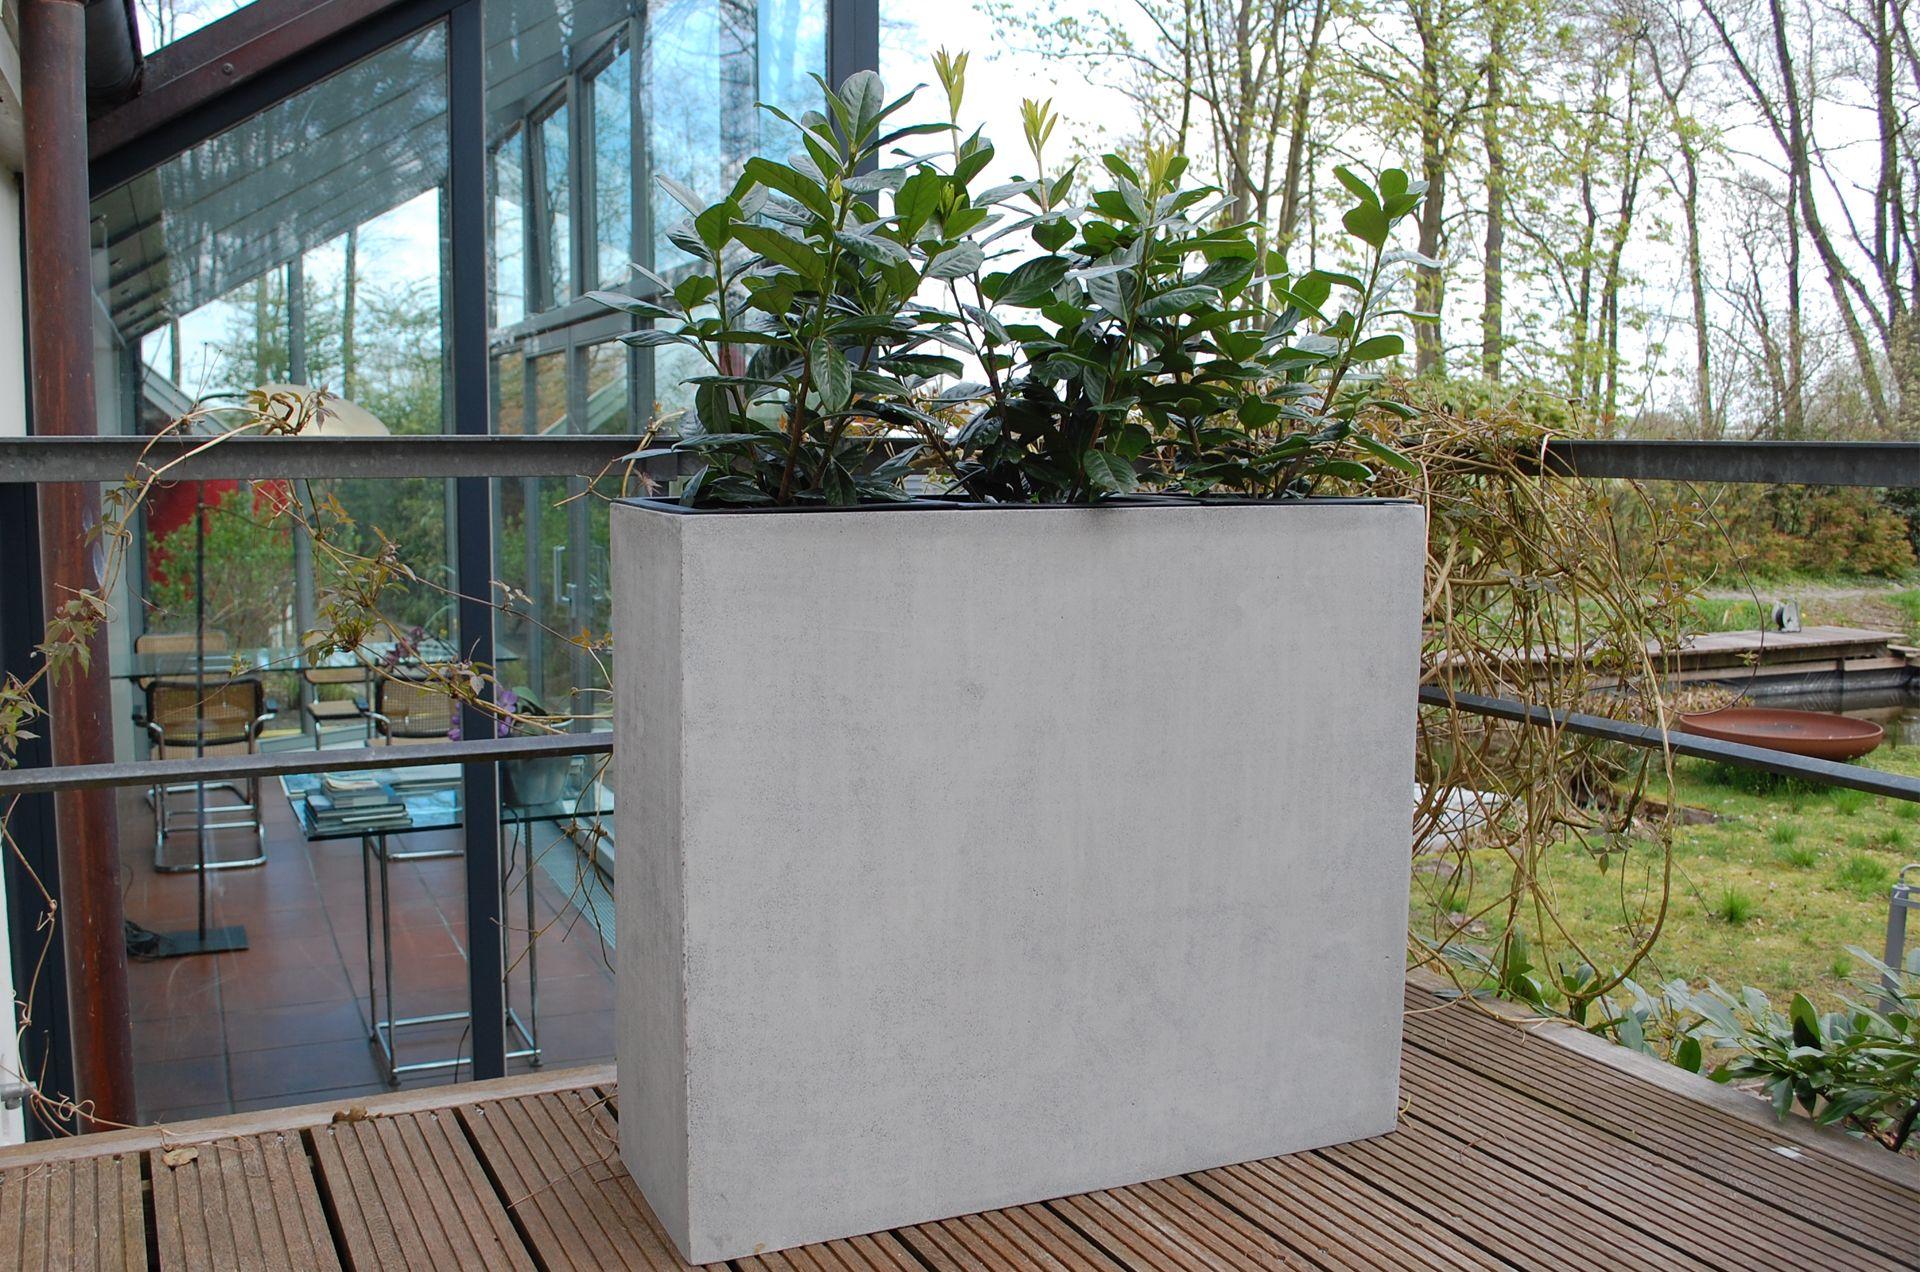 Pflanzkubel Raumteiler Sichtschutz Elemento Aus Fiberglas Beton